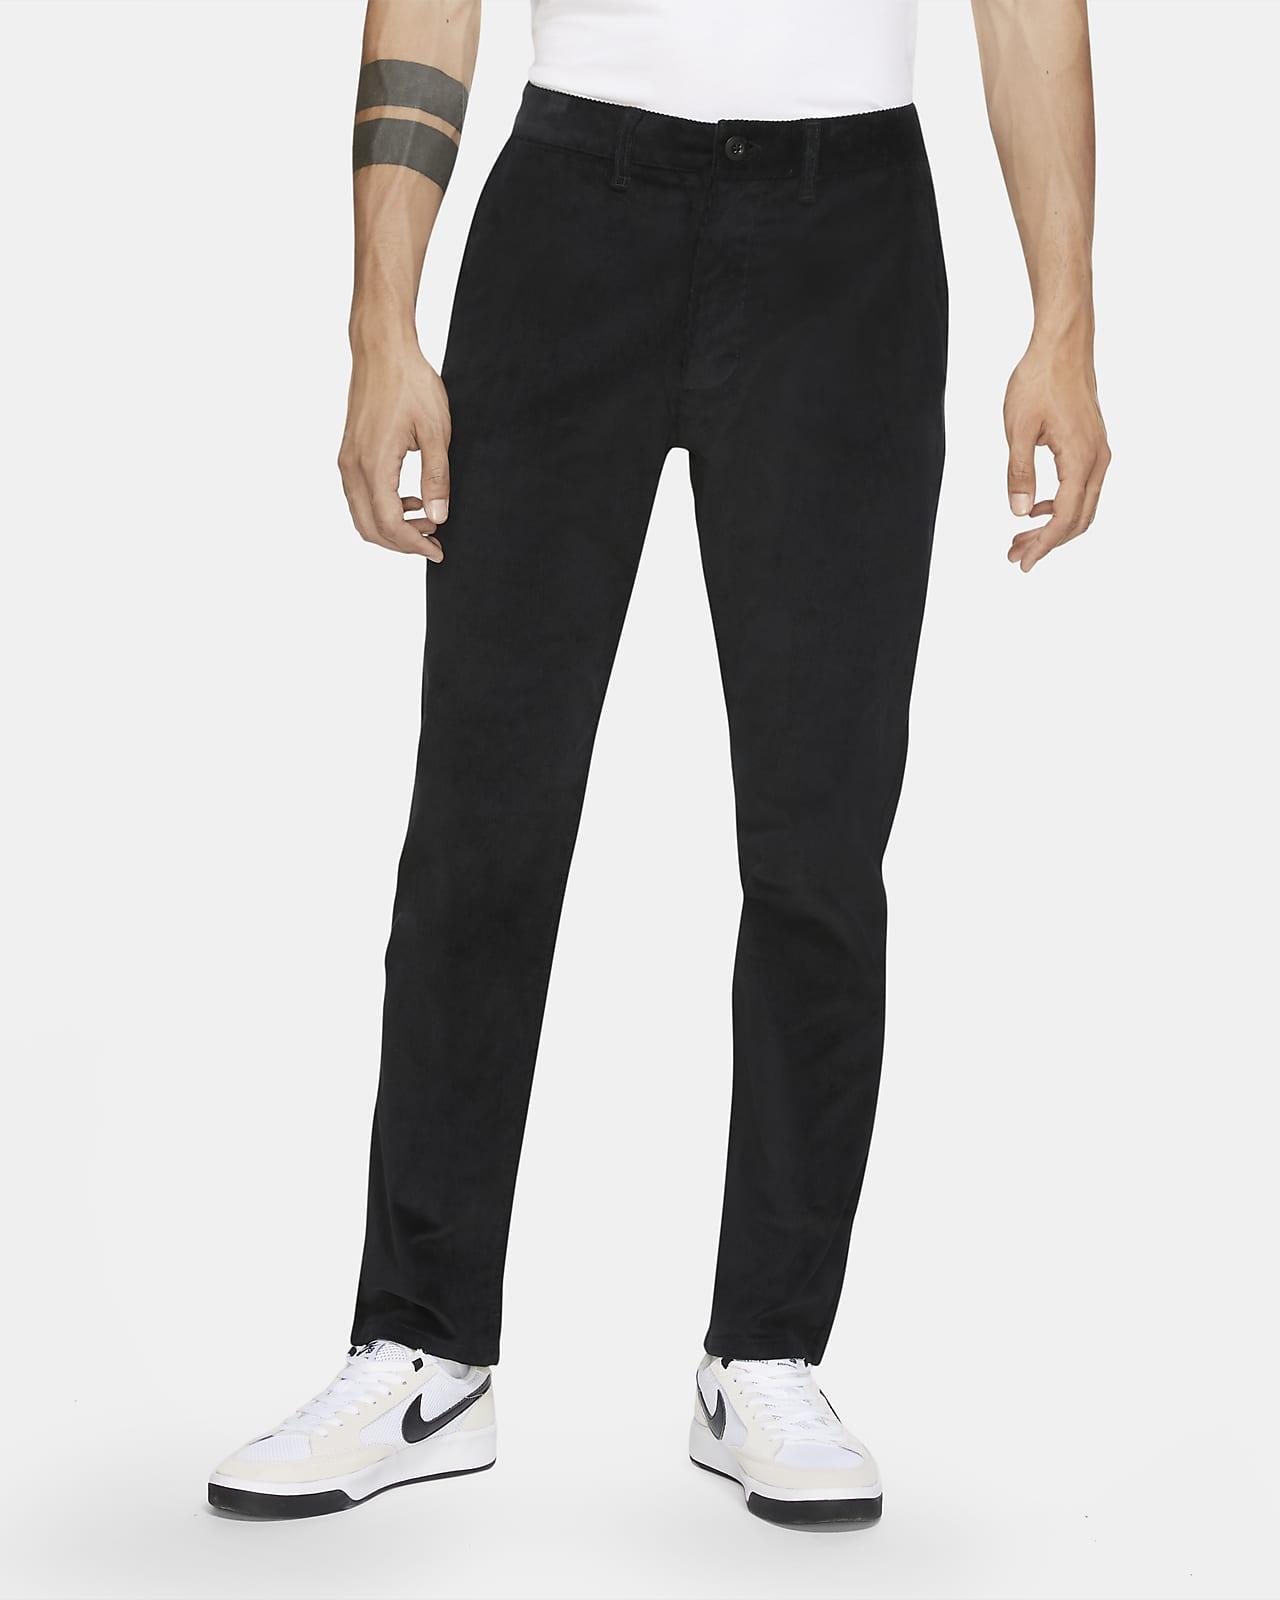 Nike SB Skateboard-Hose aus Kord für Herren